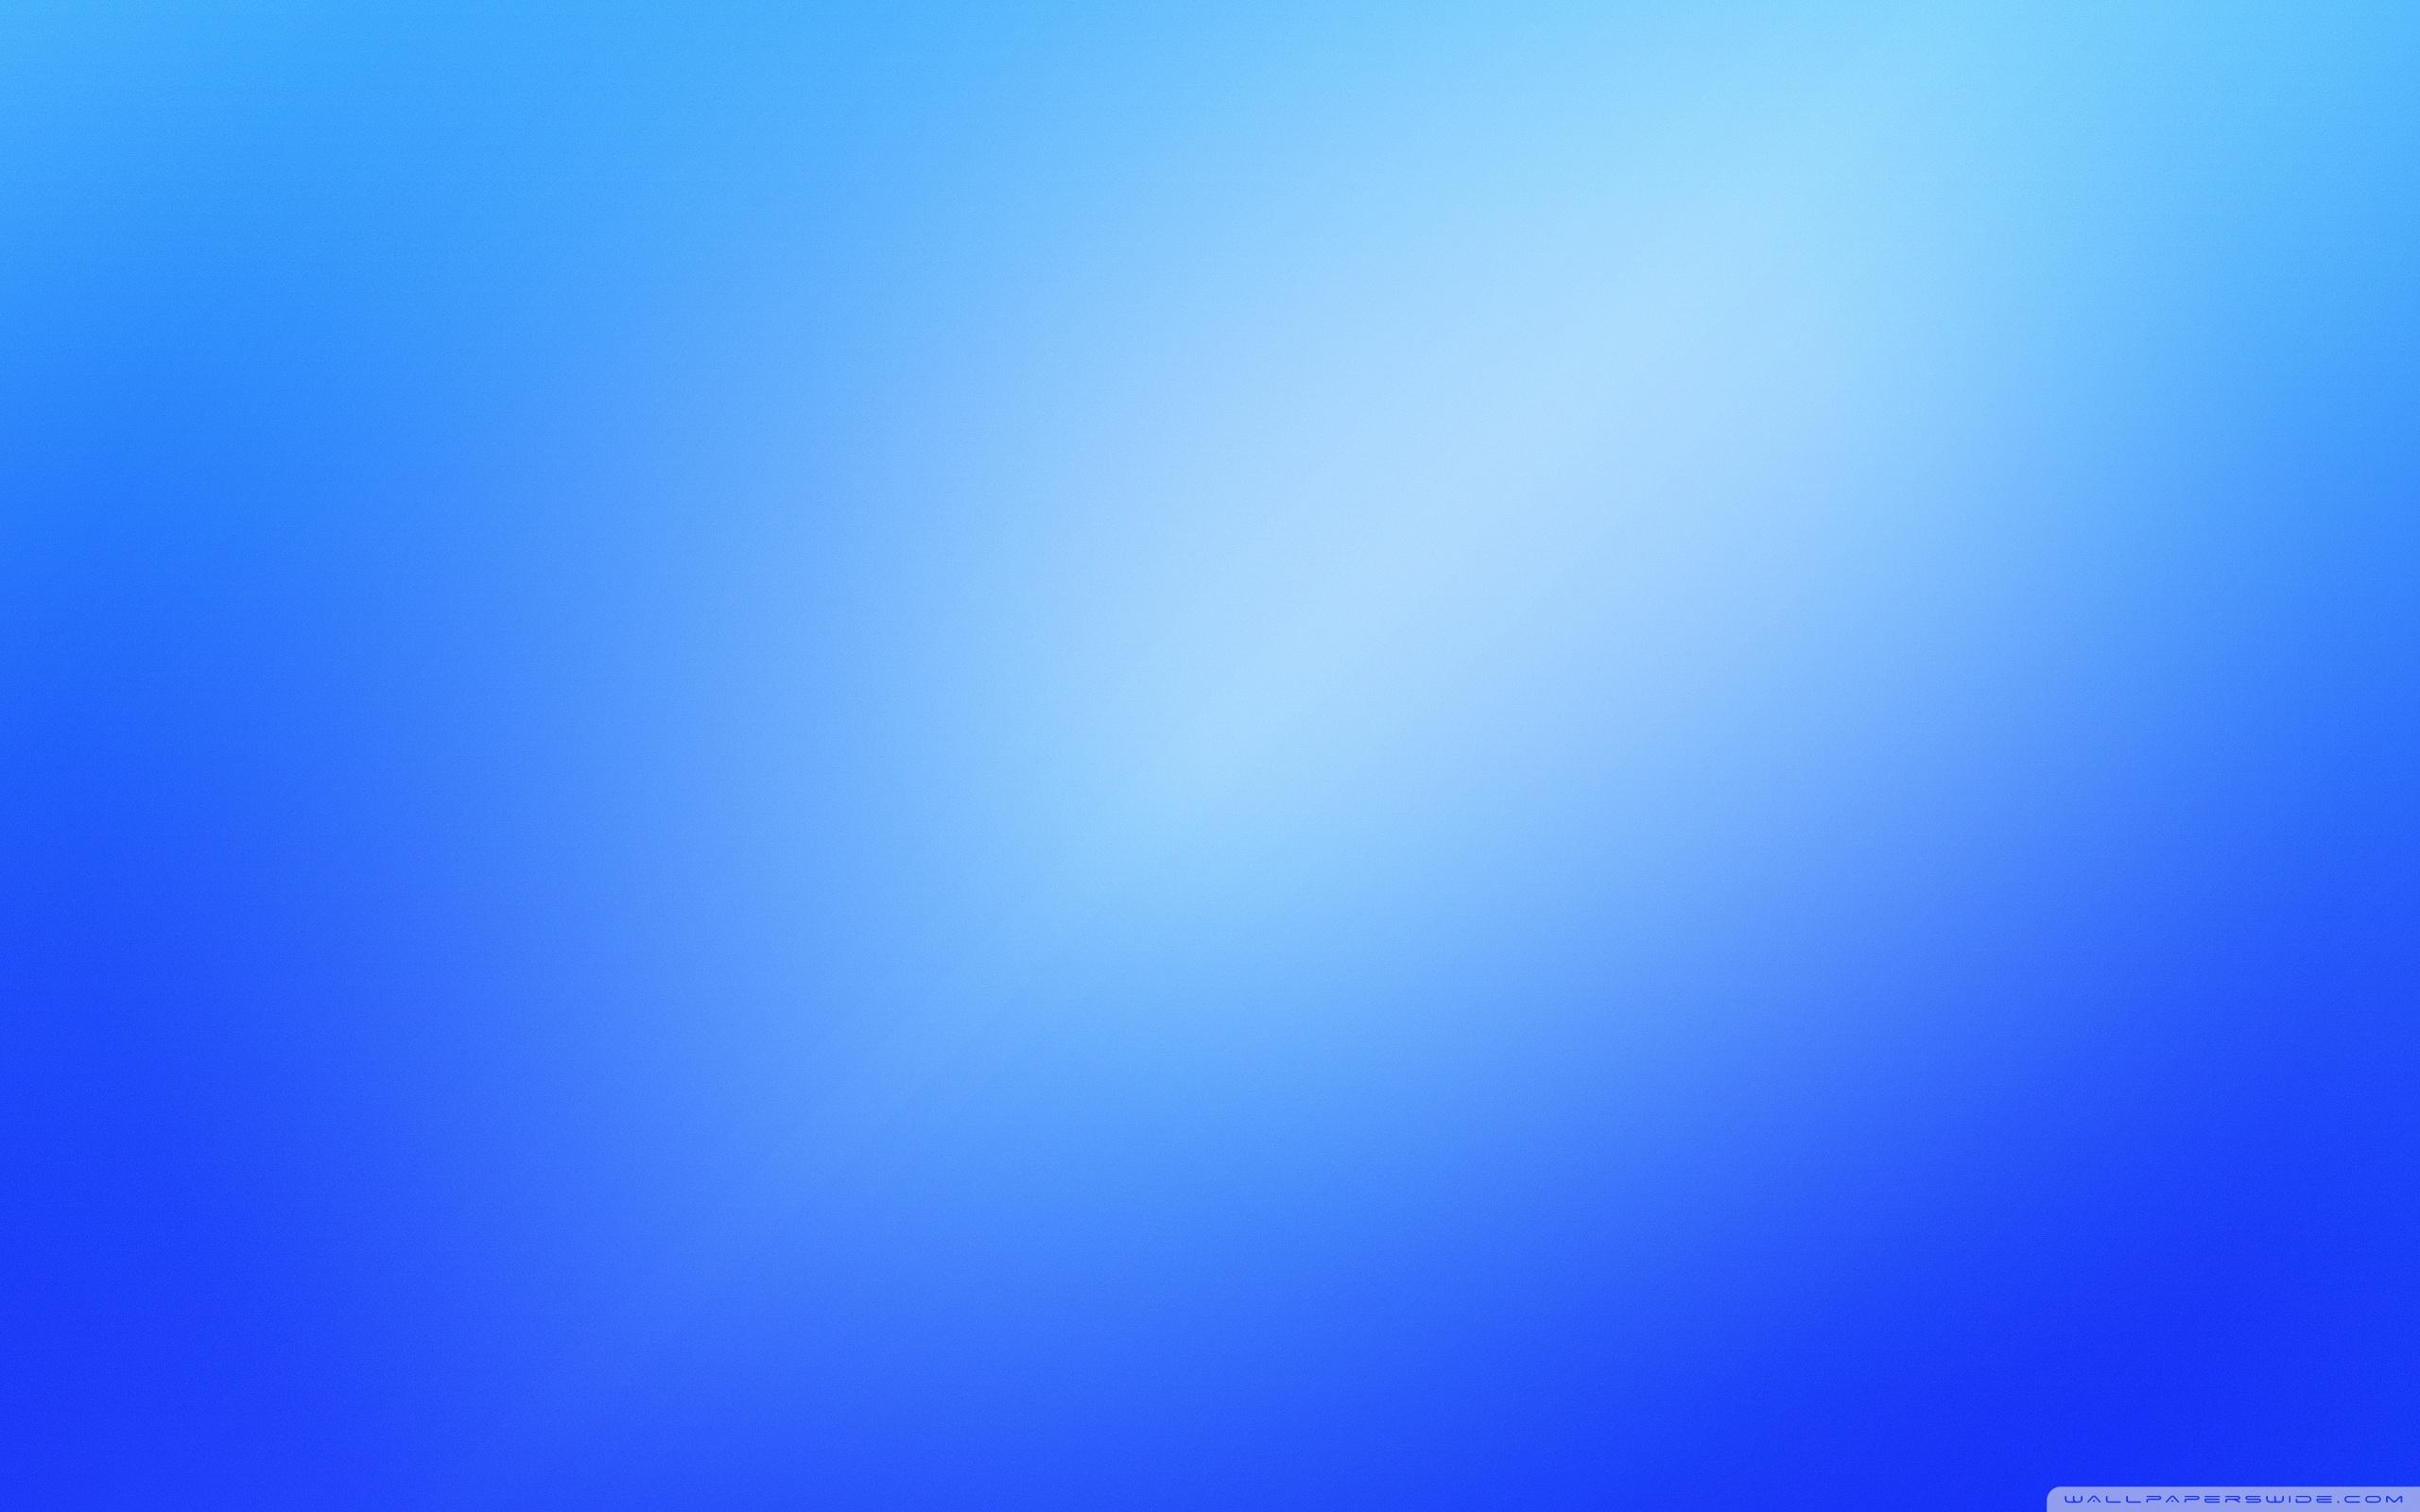 Blue Background-wallpaper-25 jpg